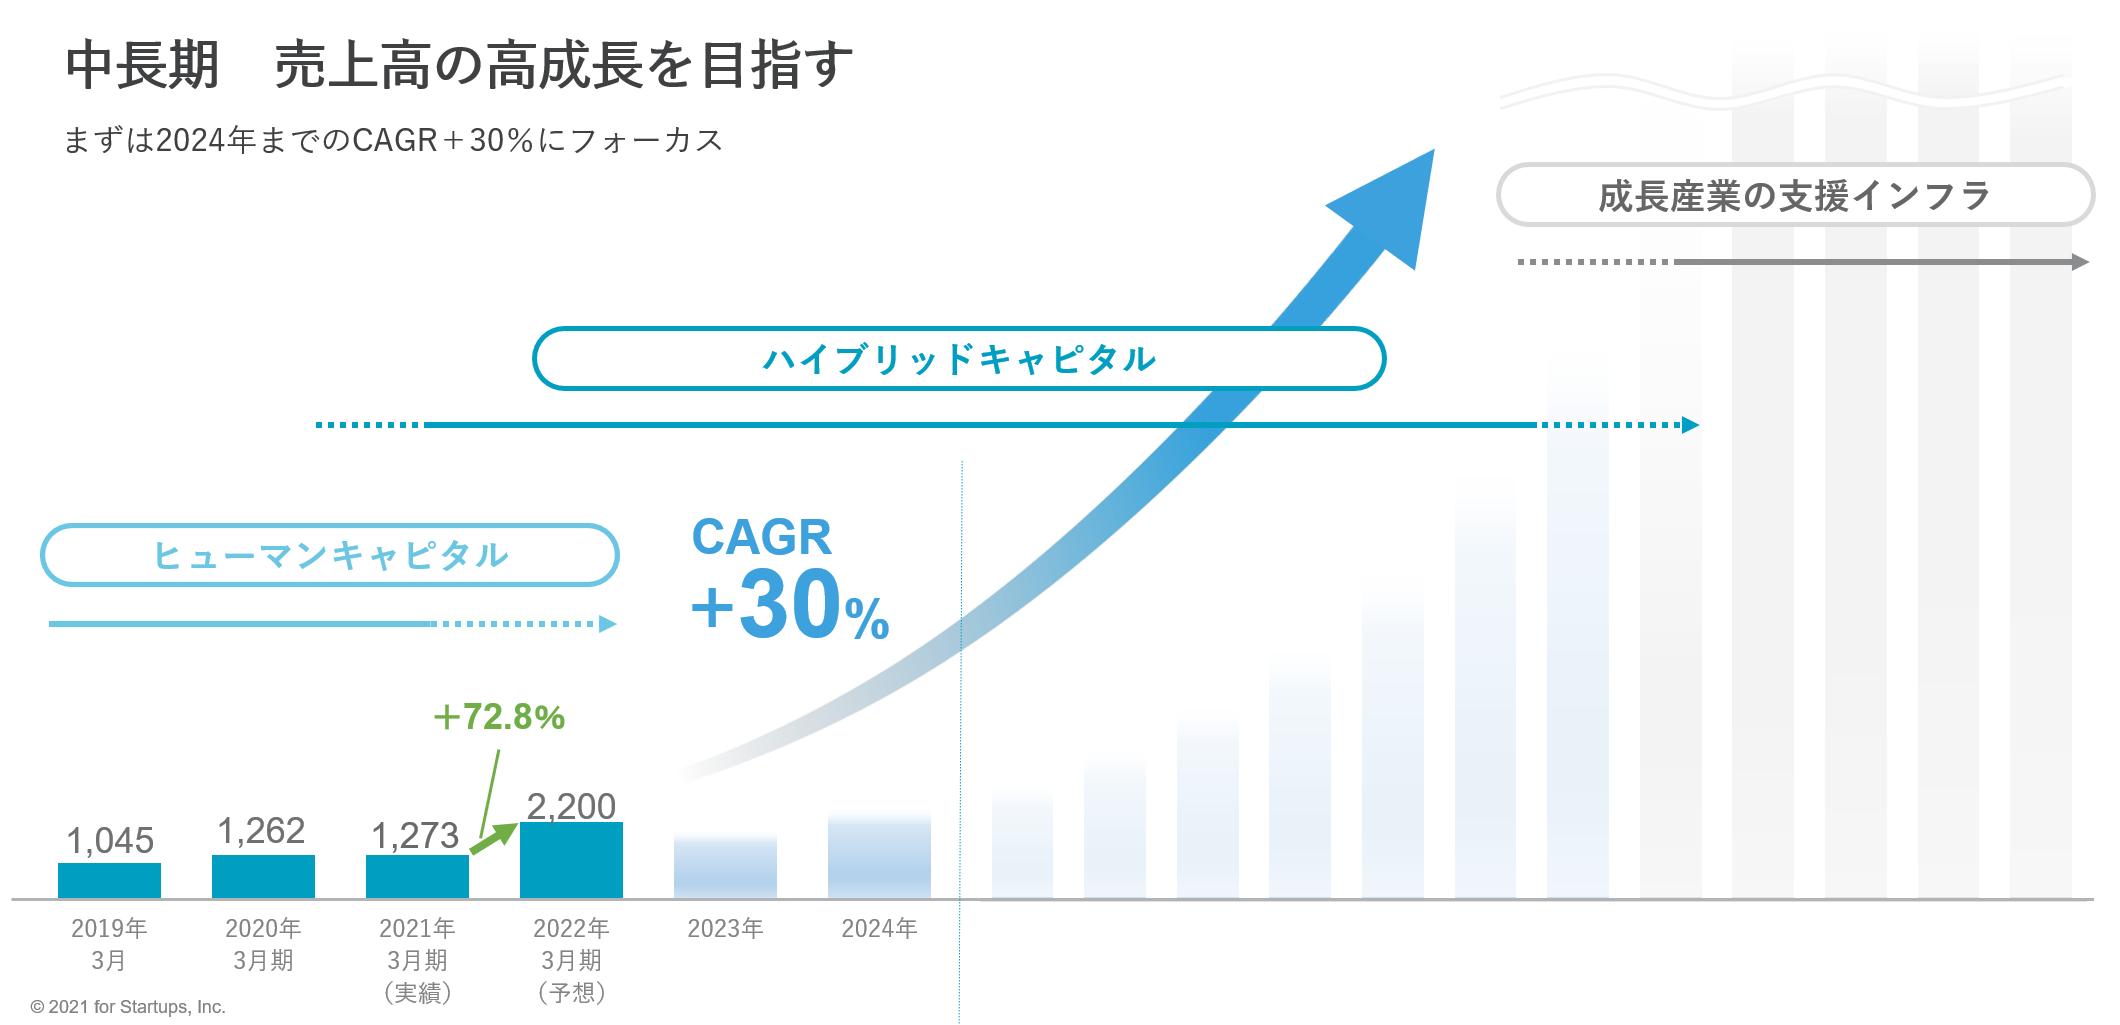 中長期 売上高の高成長を目指す | フォースタ